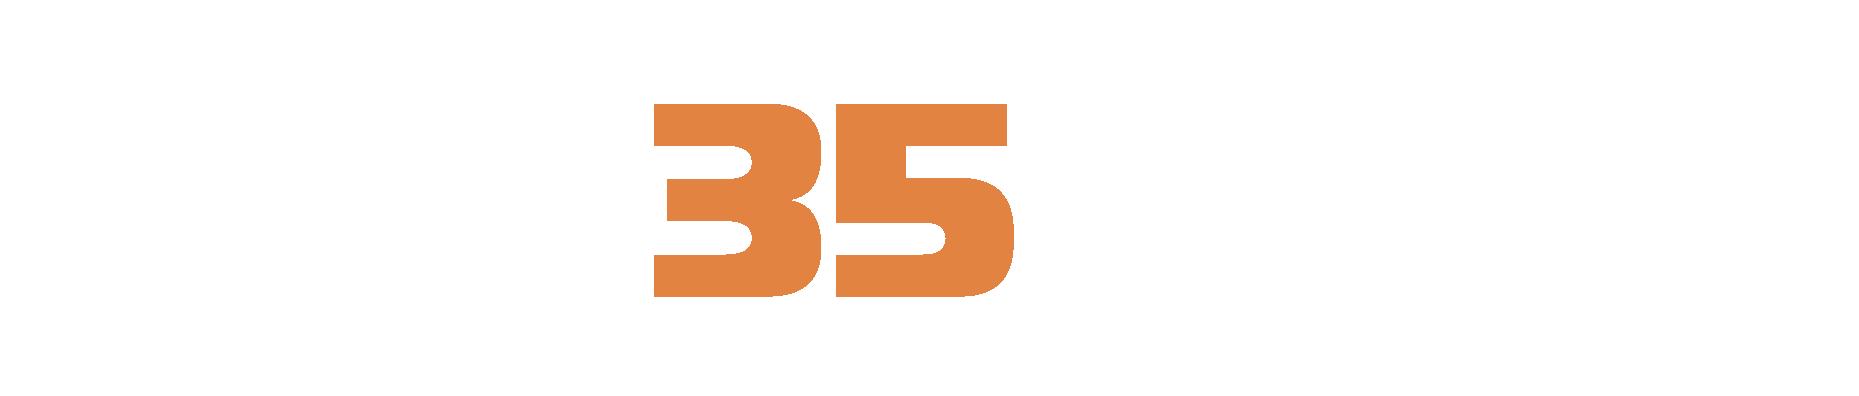 I35-white-logo-02.png